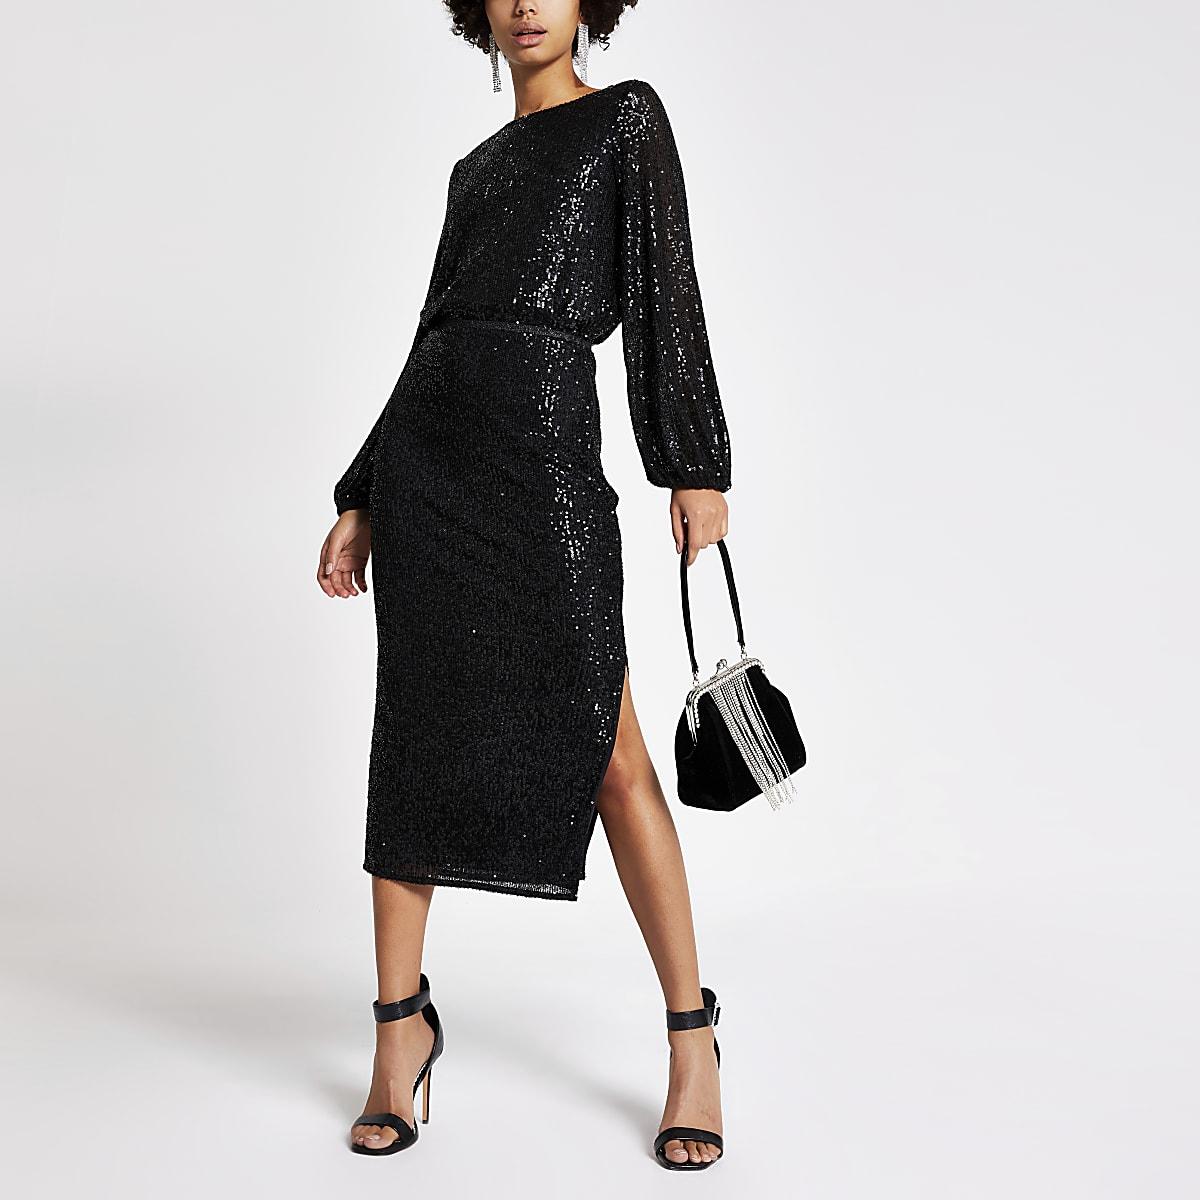 Black sequin midi skirt